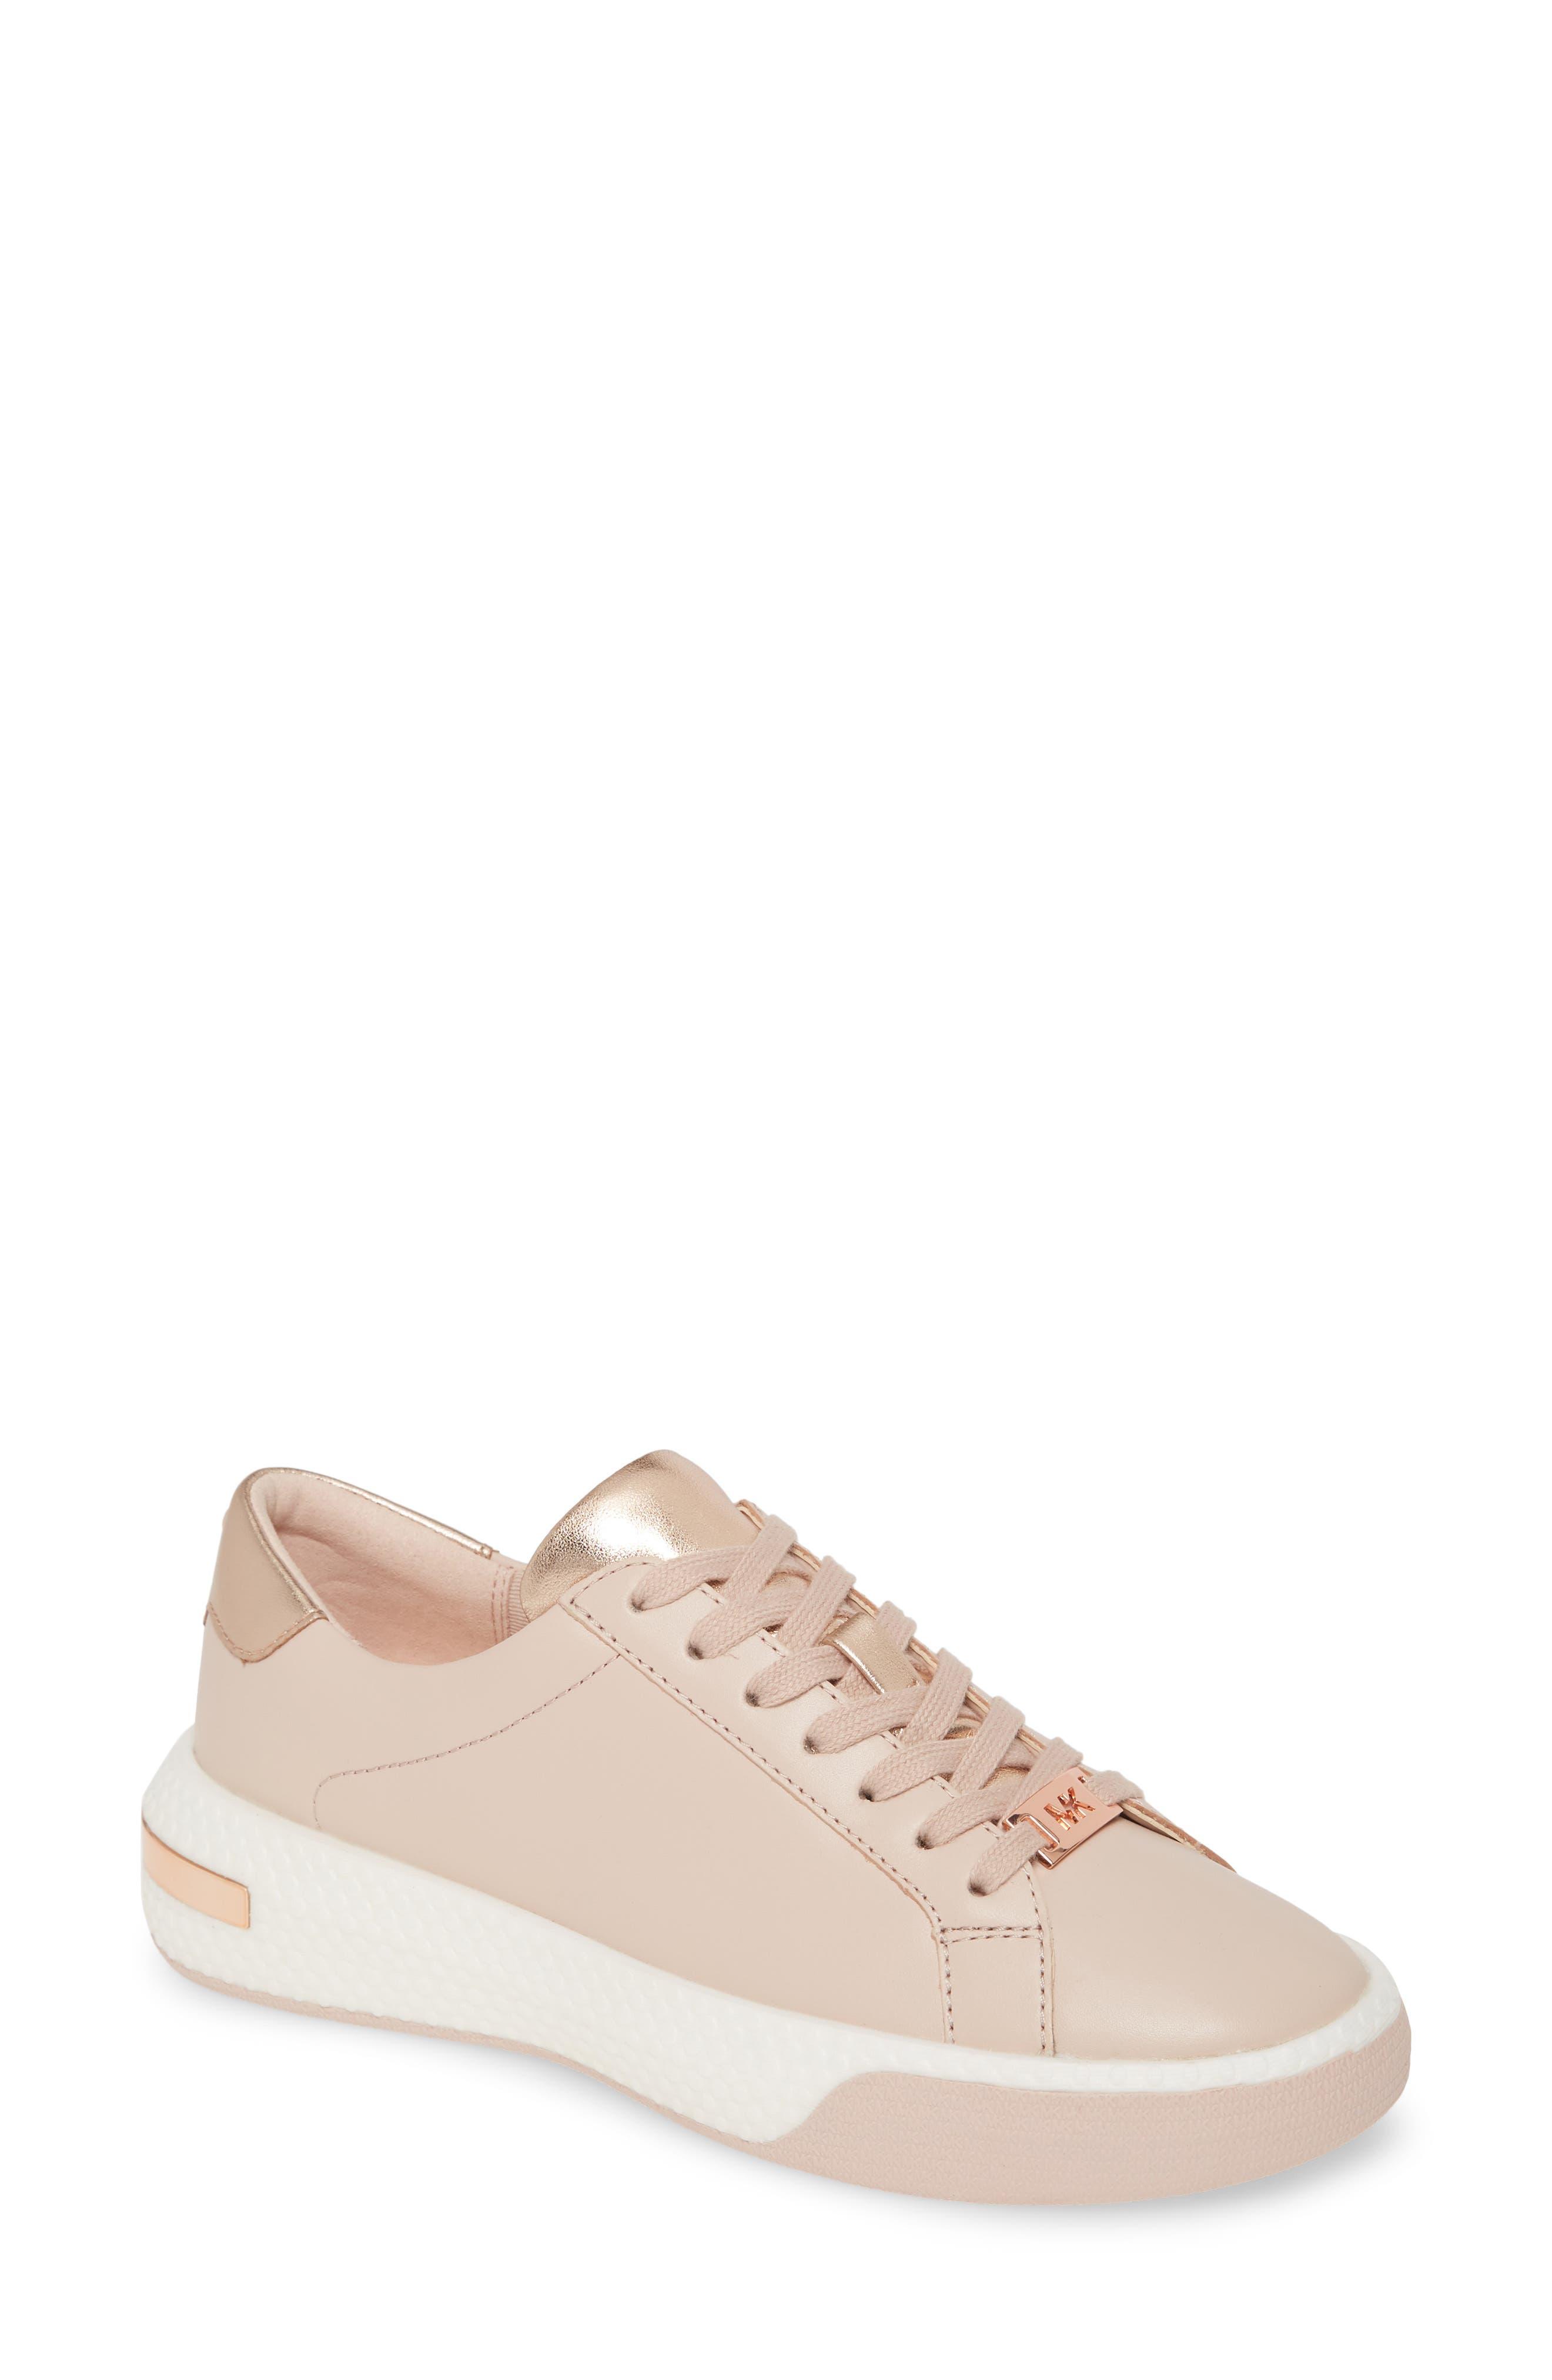 Michael Michael Kors Codie Sneaker, Pink